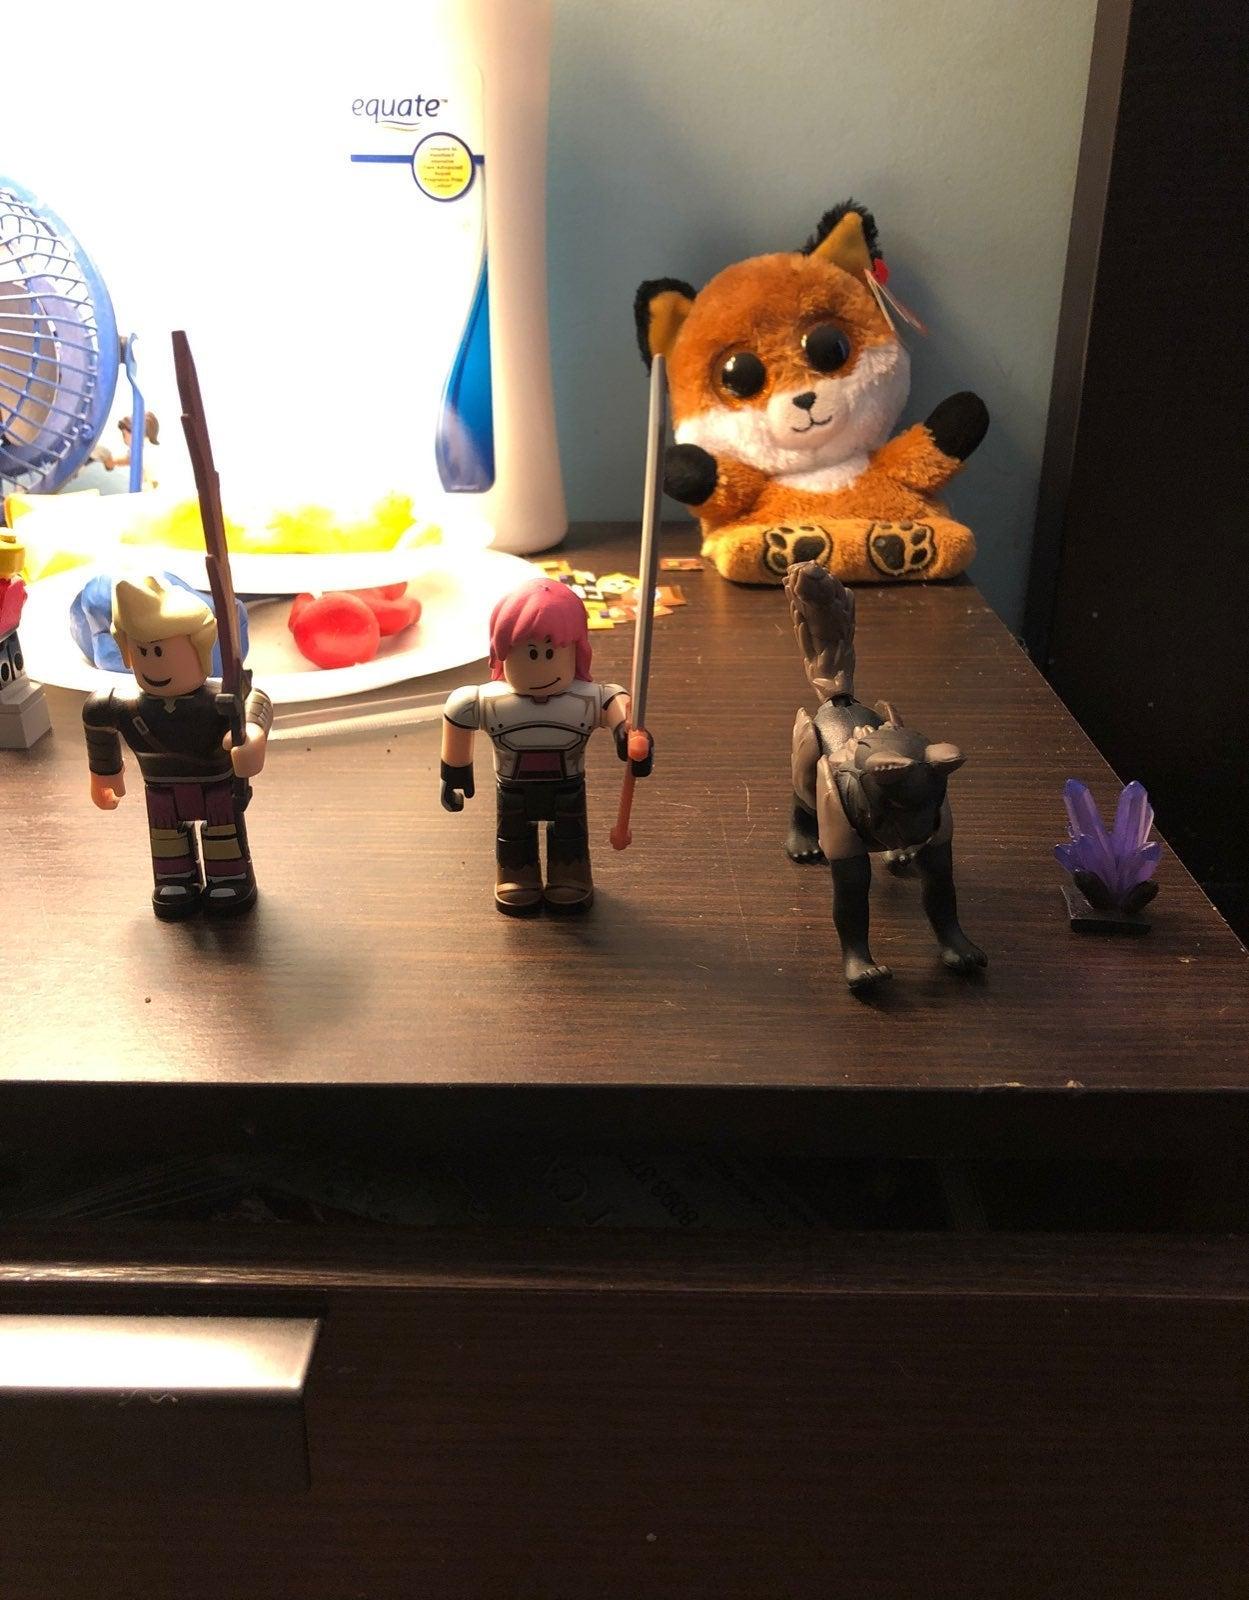 Swordburst online roblox figures